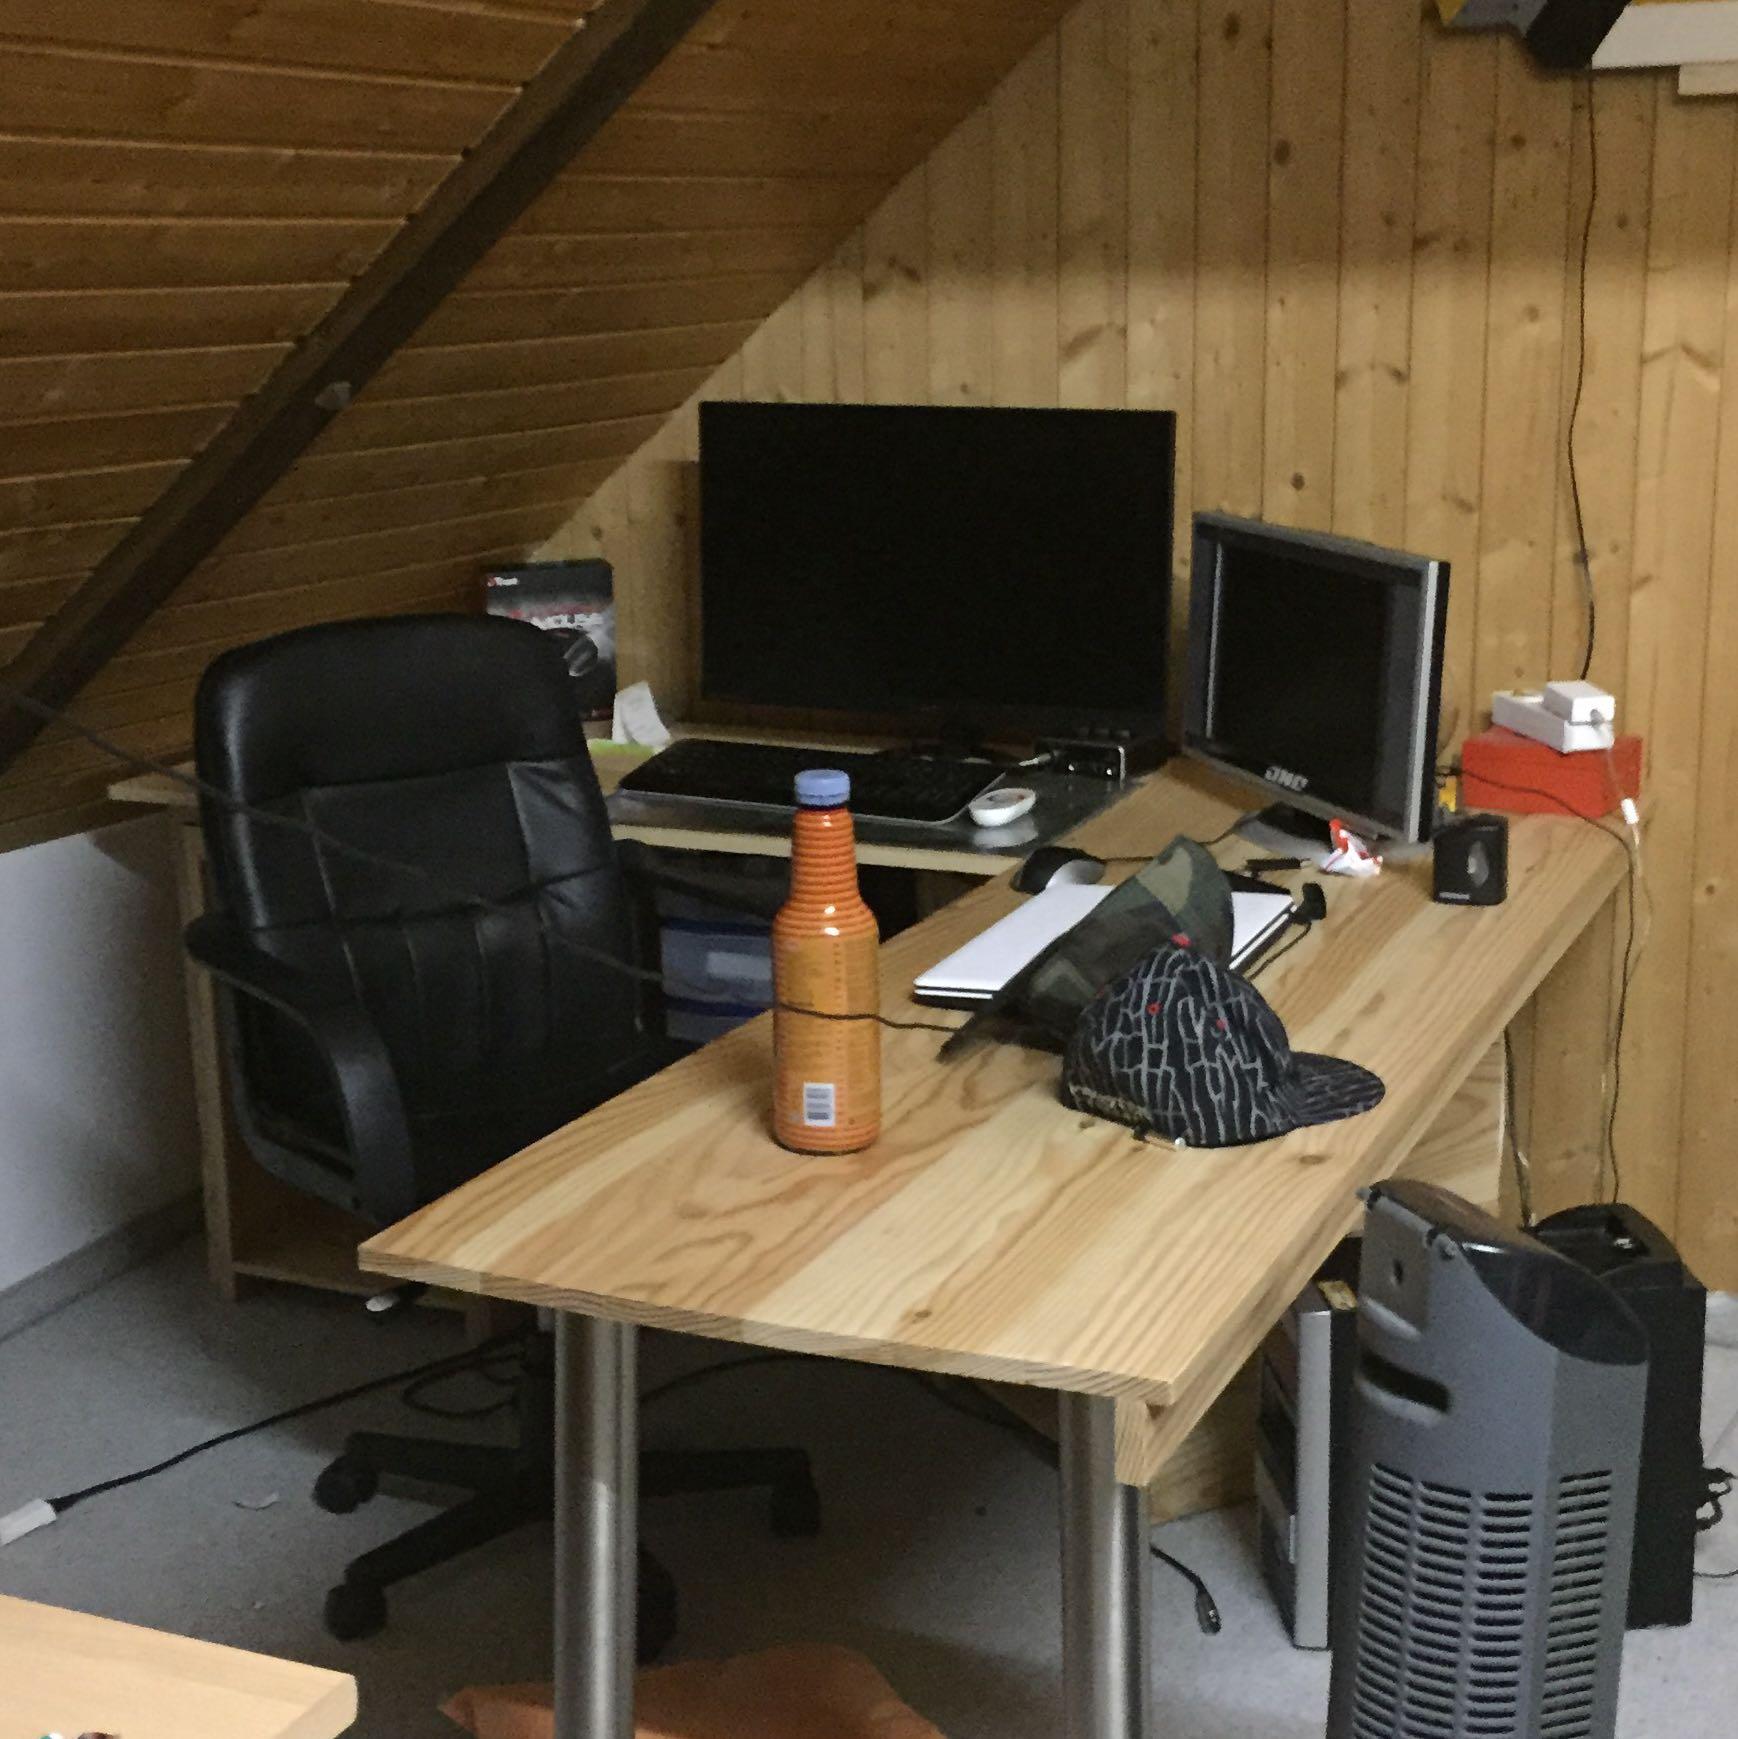 ich brauche hilfe zum thema gamingzimmer und so gibt es da wen gaming zimmer. Black Bedroom Furniture Sets. Home Design Ideas